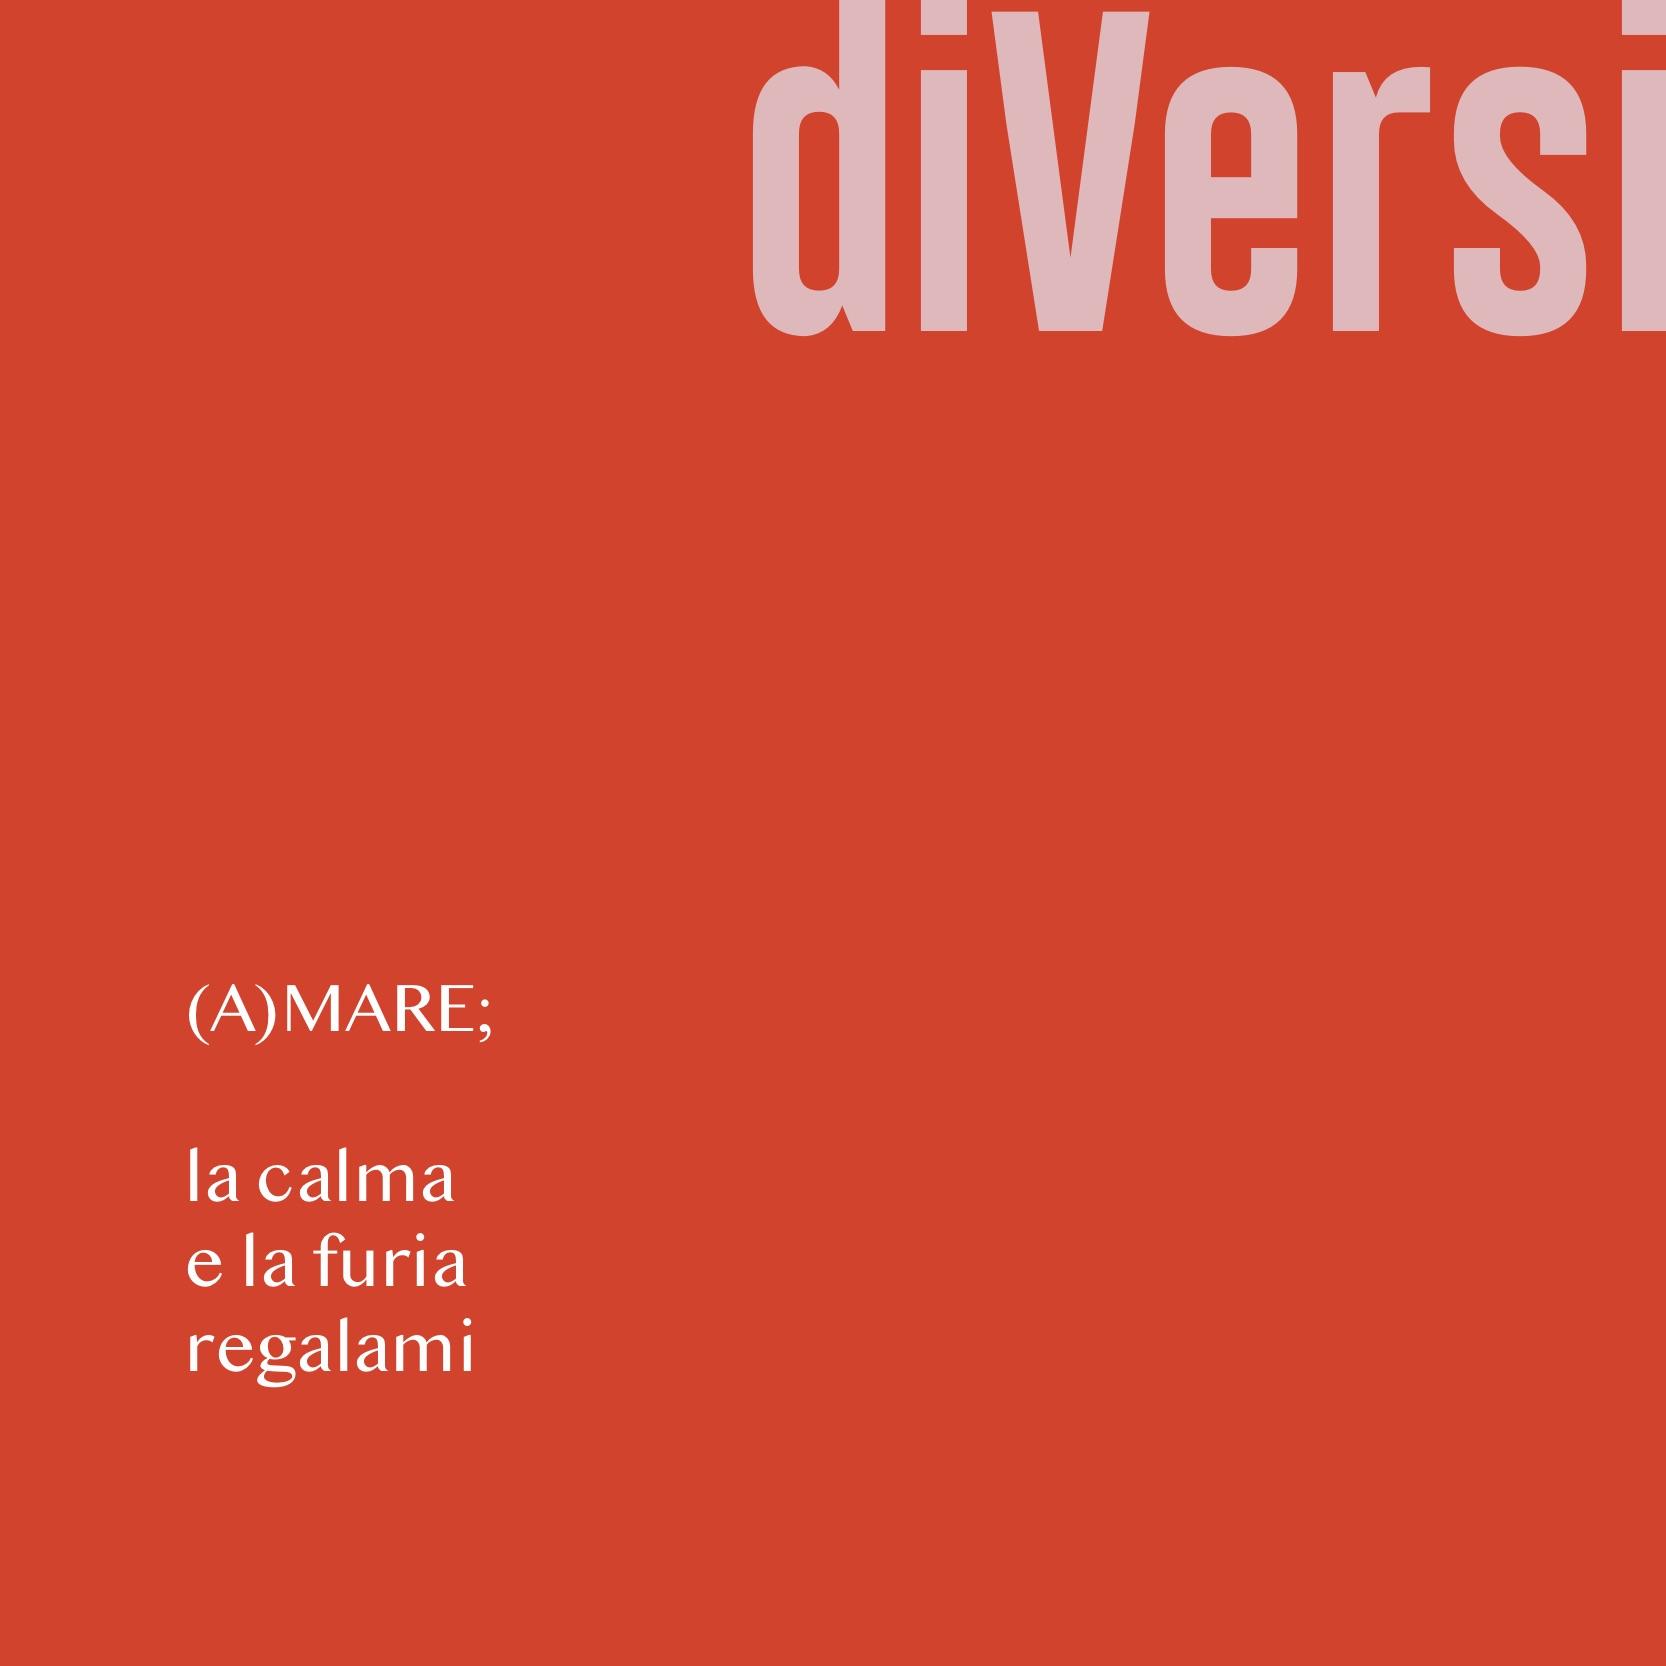 (A)mare diversi